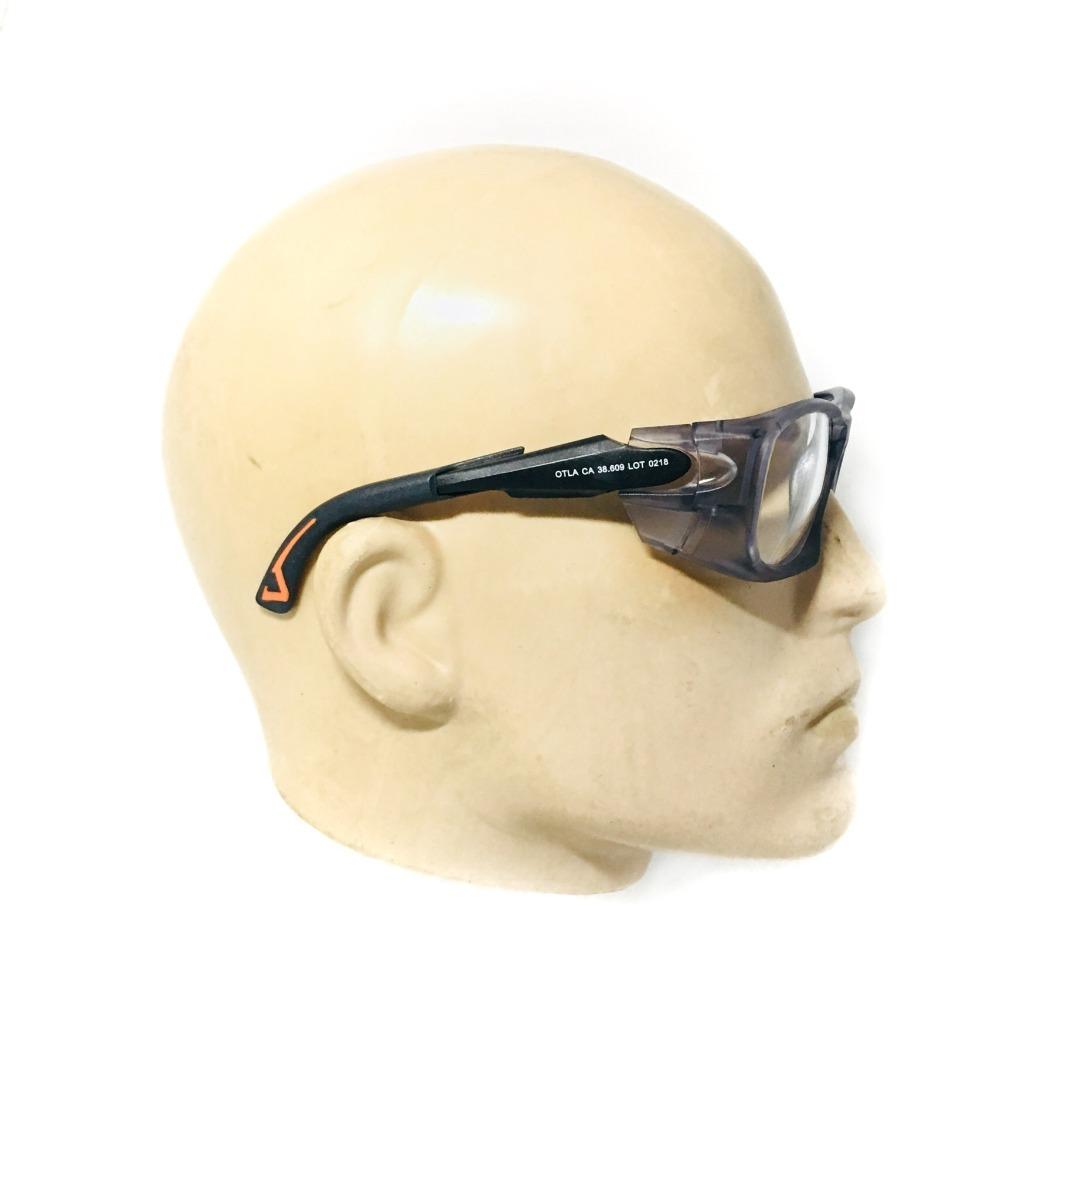 001ba539108a6 armação óculos segurança p  lente de grau univet 5x9 epi. Carregando zoom.